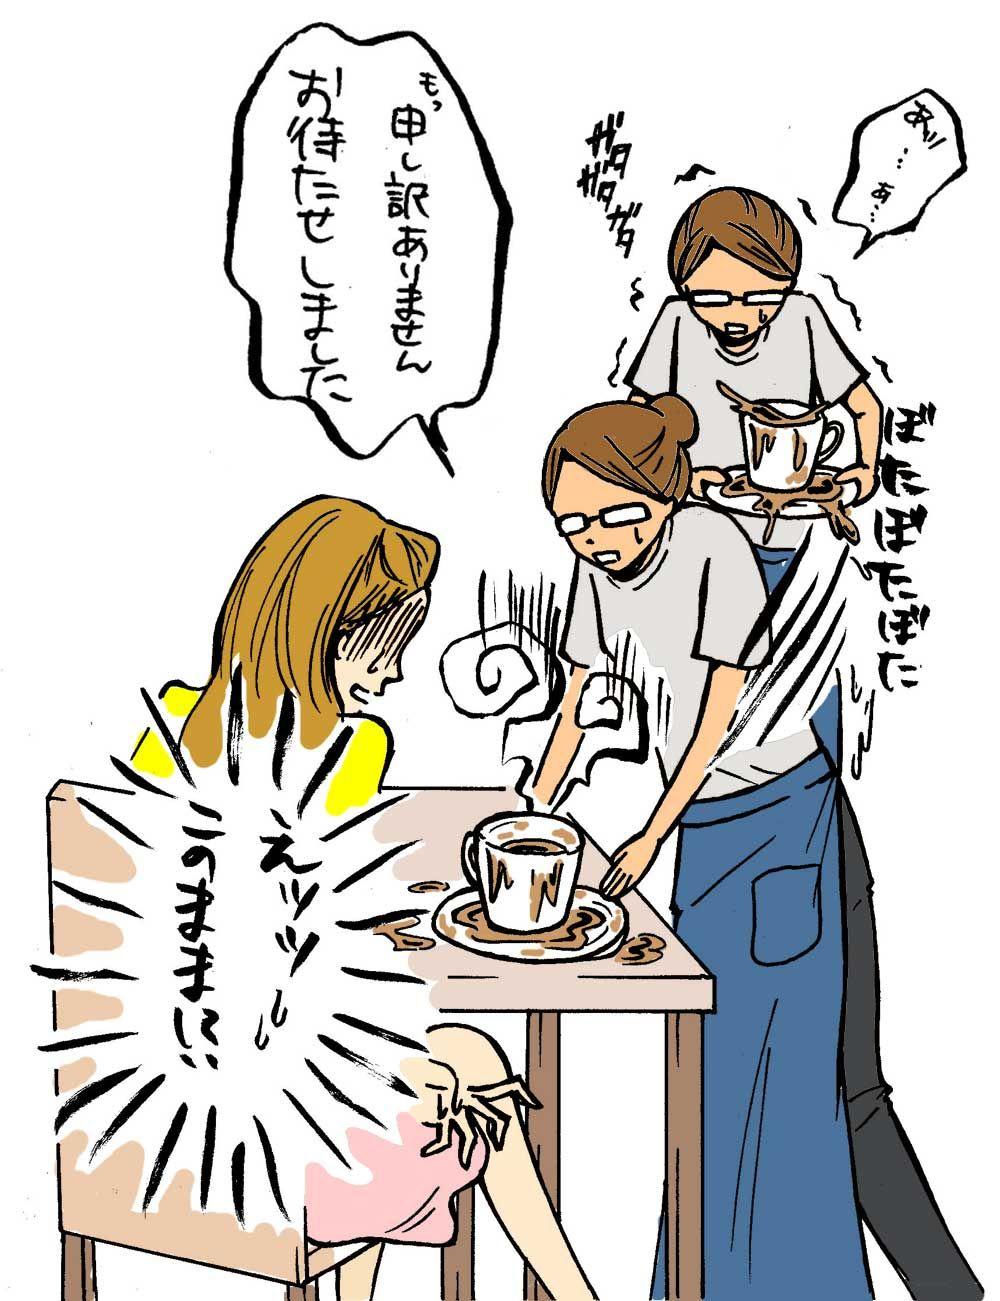 勇気ある店員さん - ゆる漫画日記 by いそむらぼん